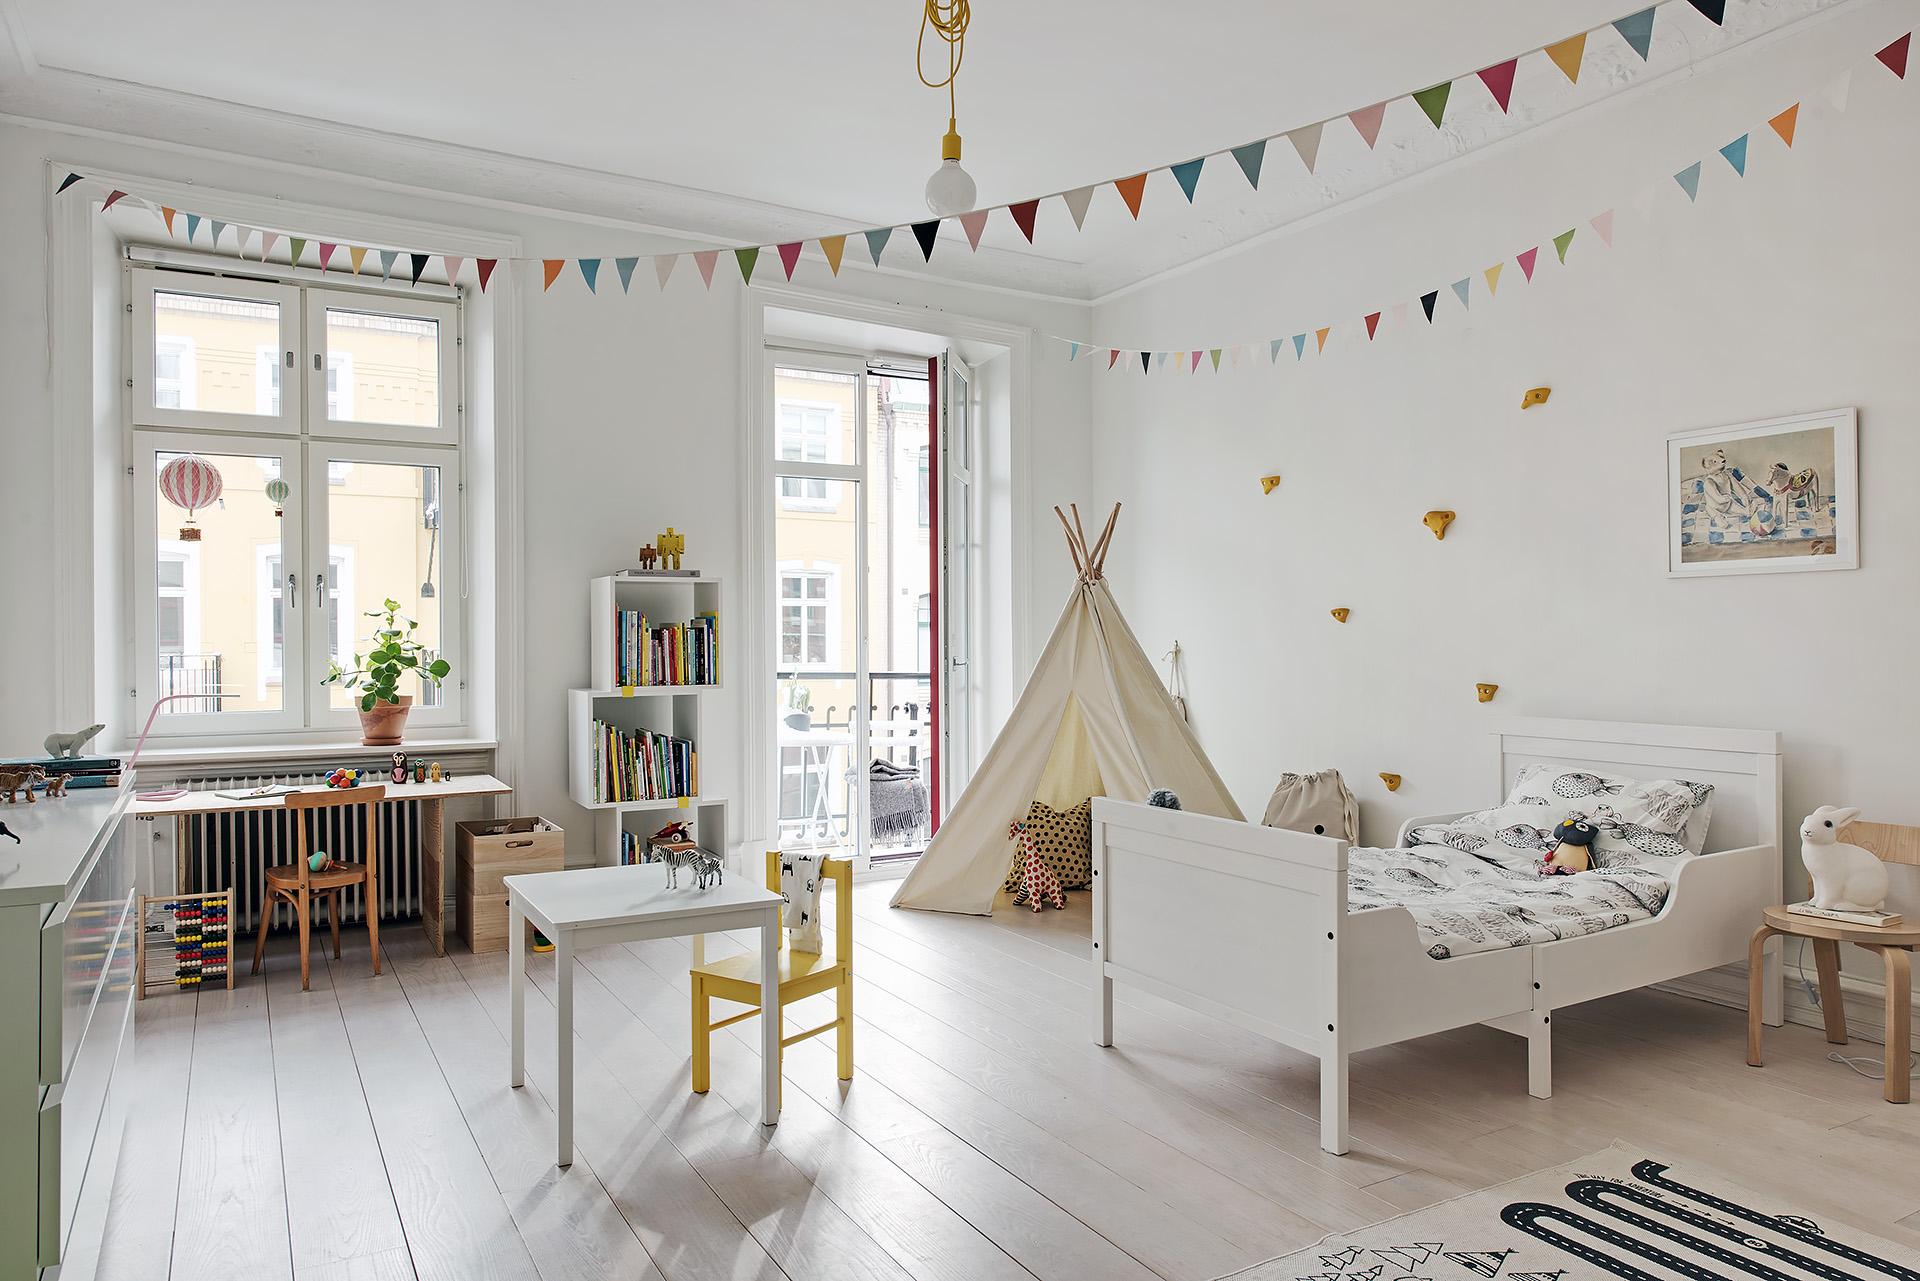 Como decorar una habitaci n infantil en estilo n rdico for Decoracion infantil estilo nordico